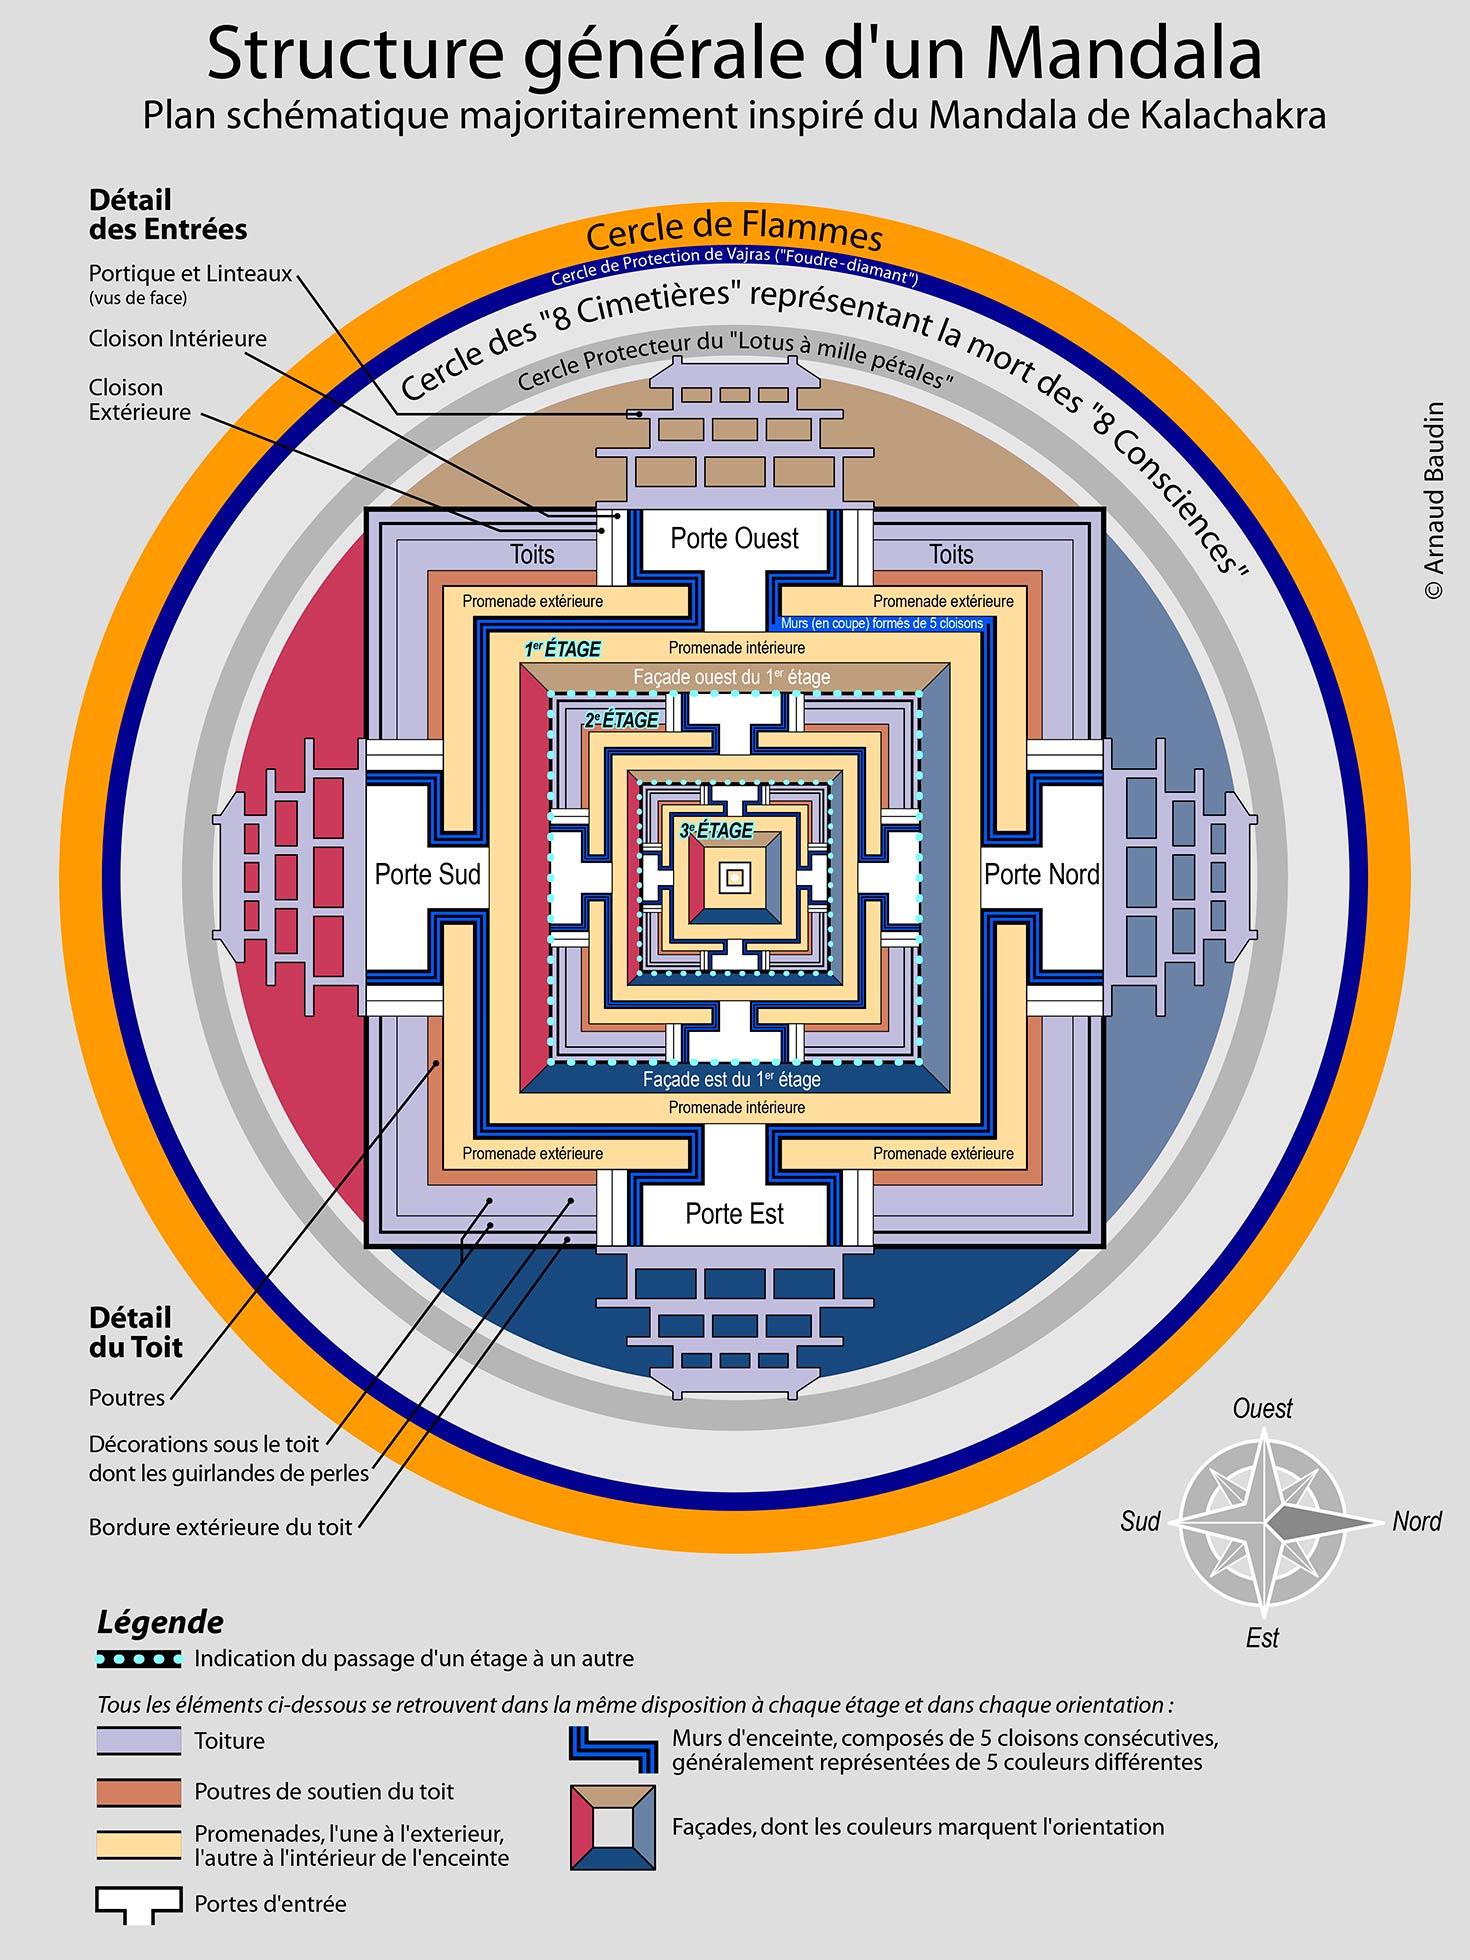 Plan détaillant la structure architecturale d'un mandala selon sa conception originale dans le bouddhisme tibétain